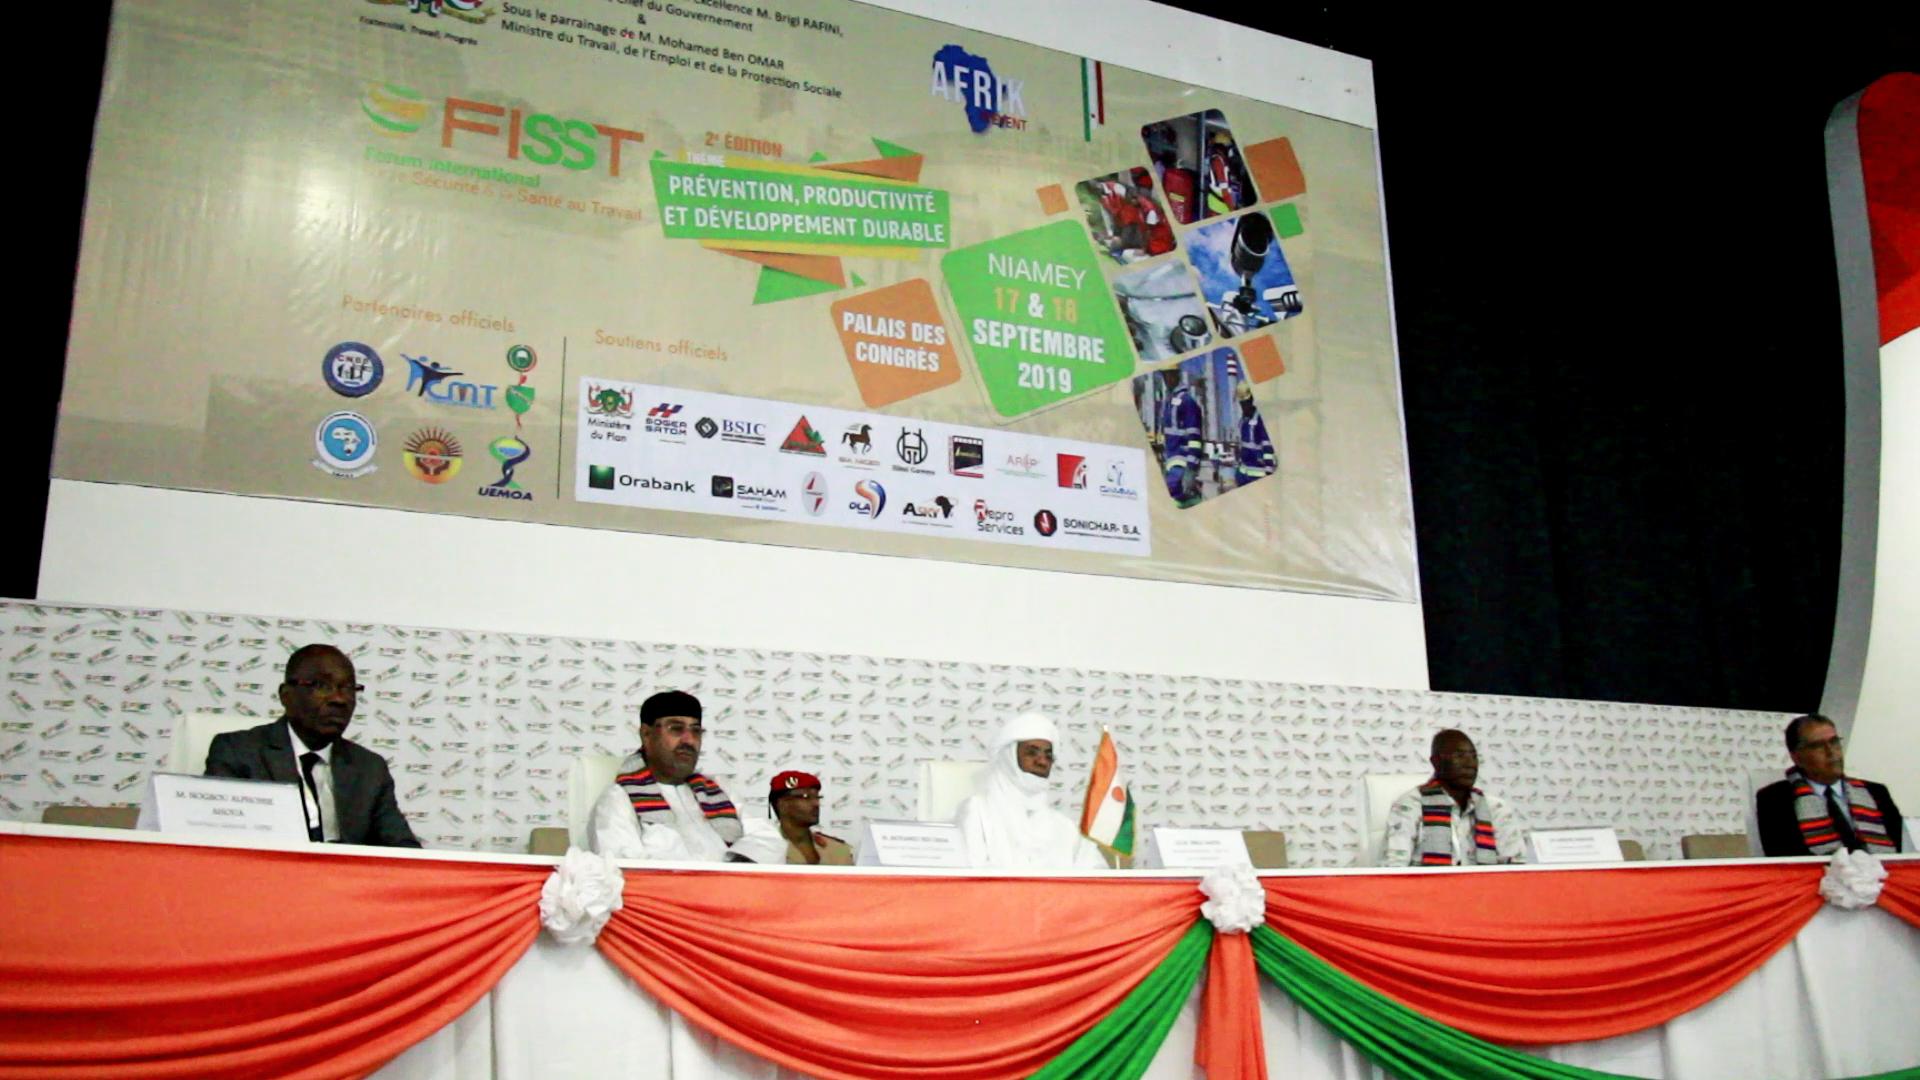 2ème édition du FISST à Niamey